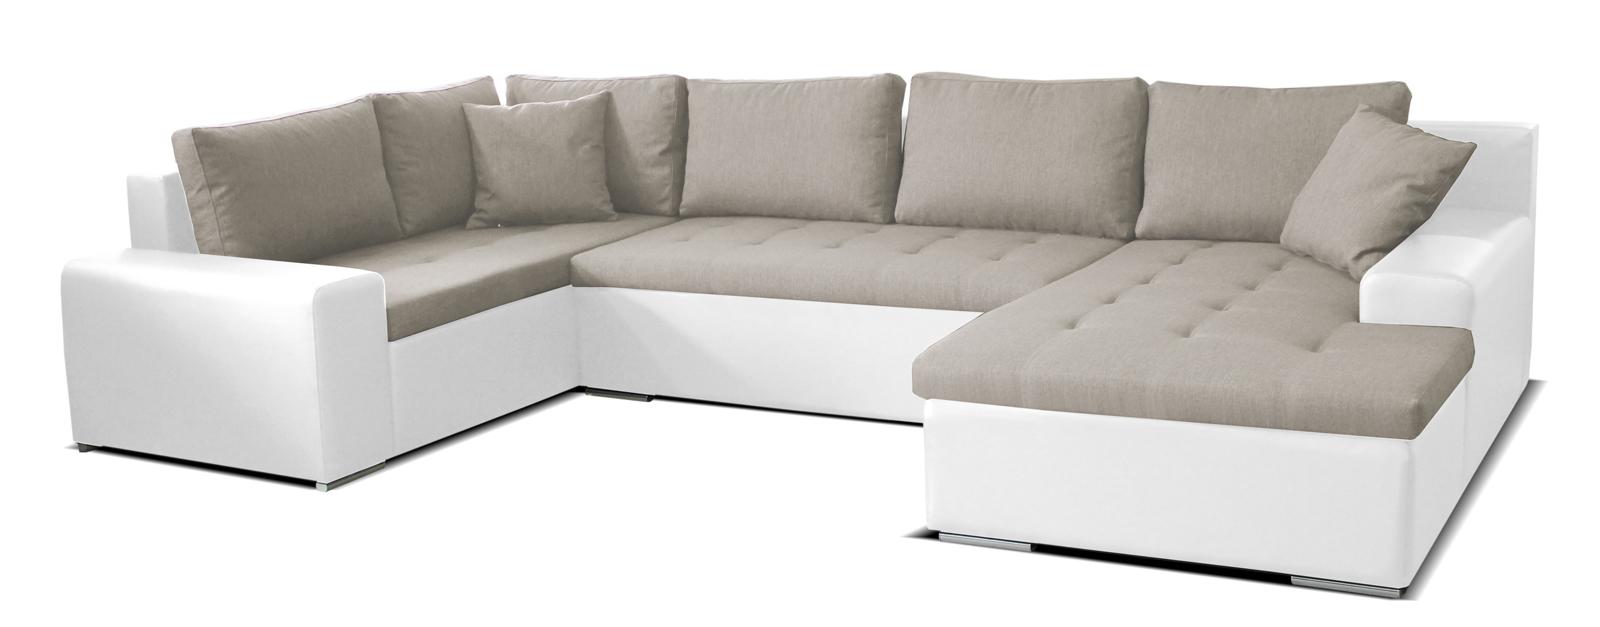 Rohová sedací souprava U - Po-Sed - Moreno BL+2+L (béžová + bílá) (P)